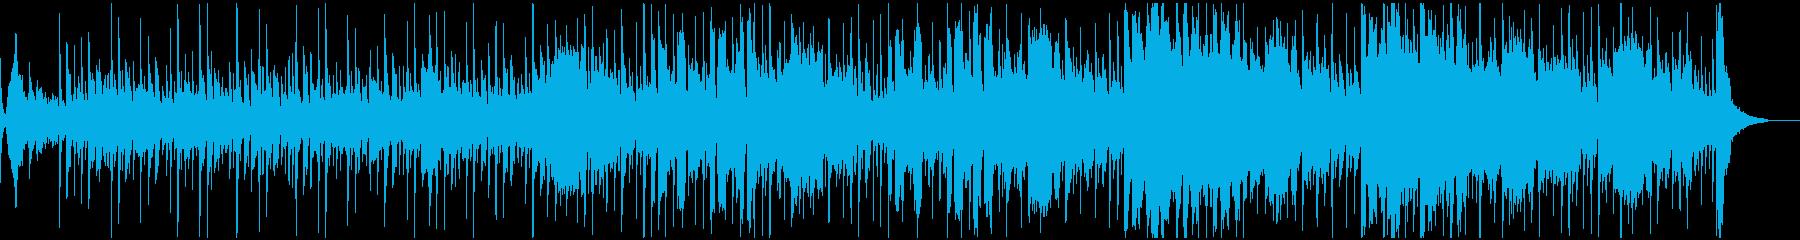 一種の「企業の電子ファンク」トラッ...の再生済みの波形